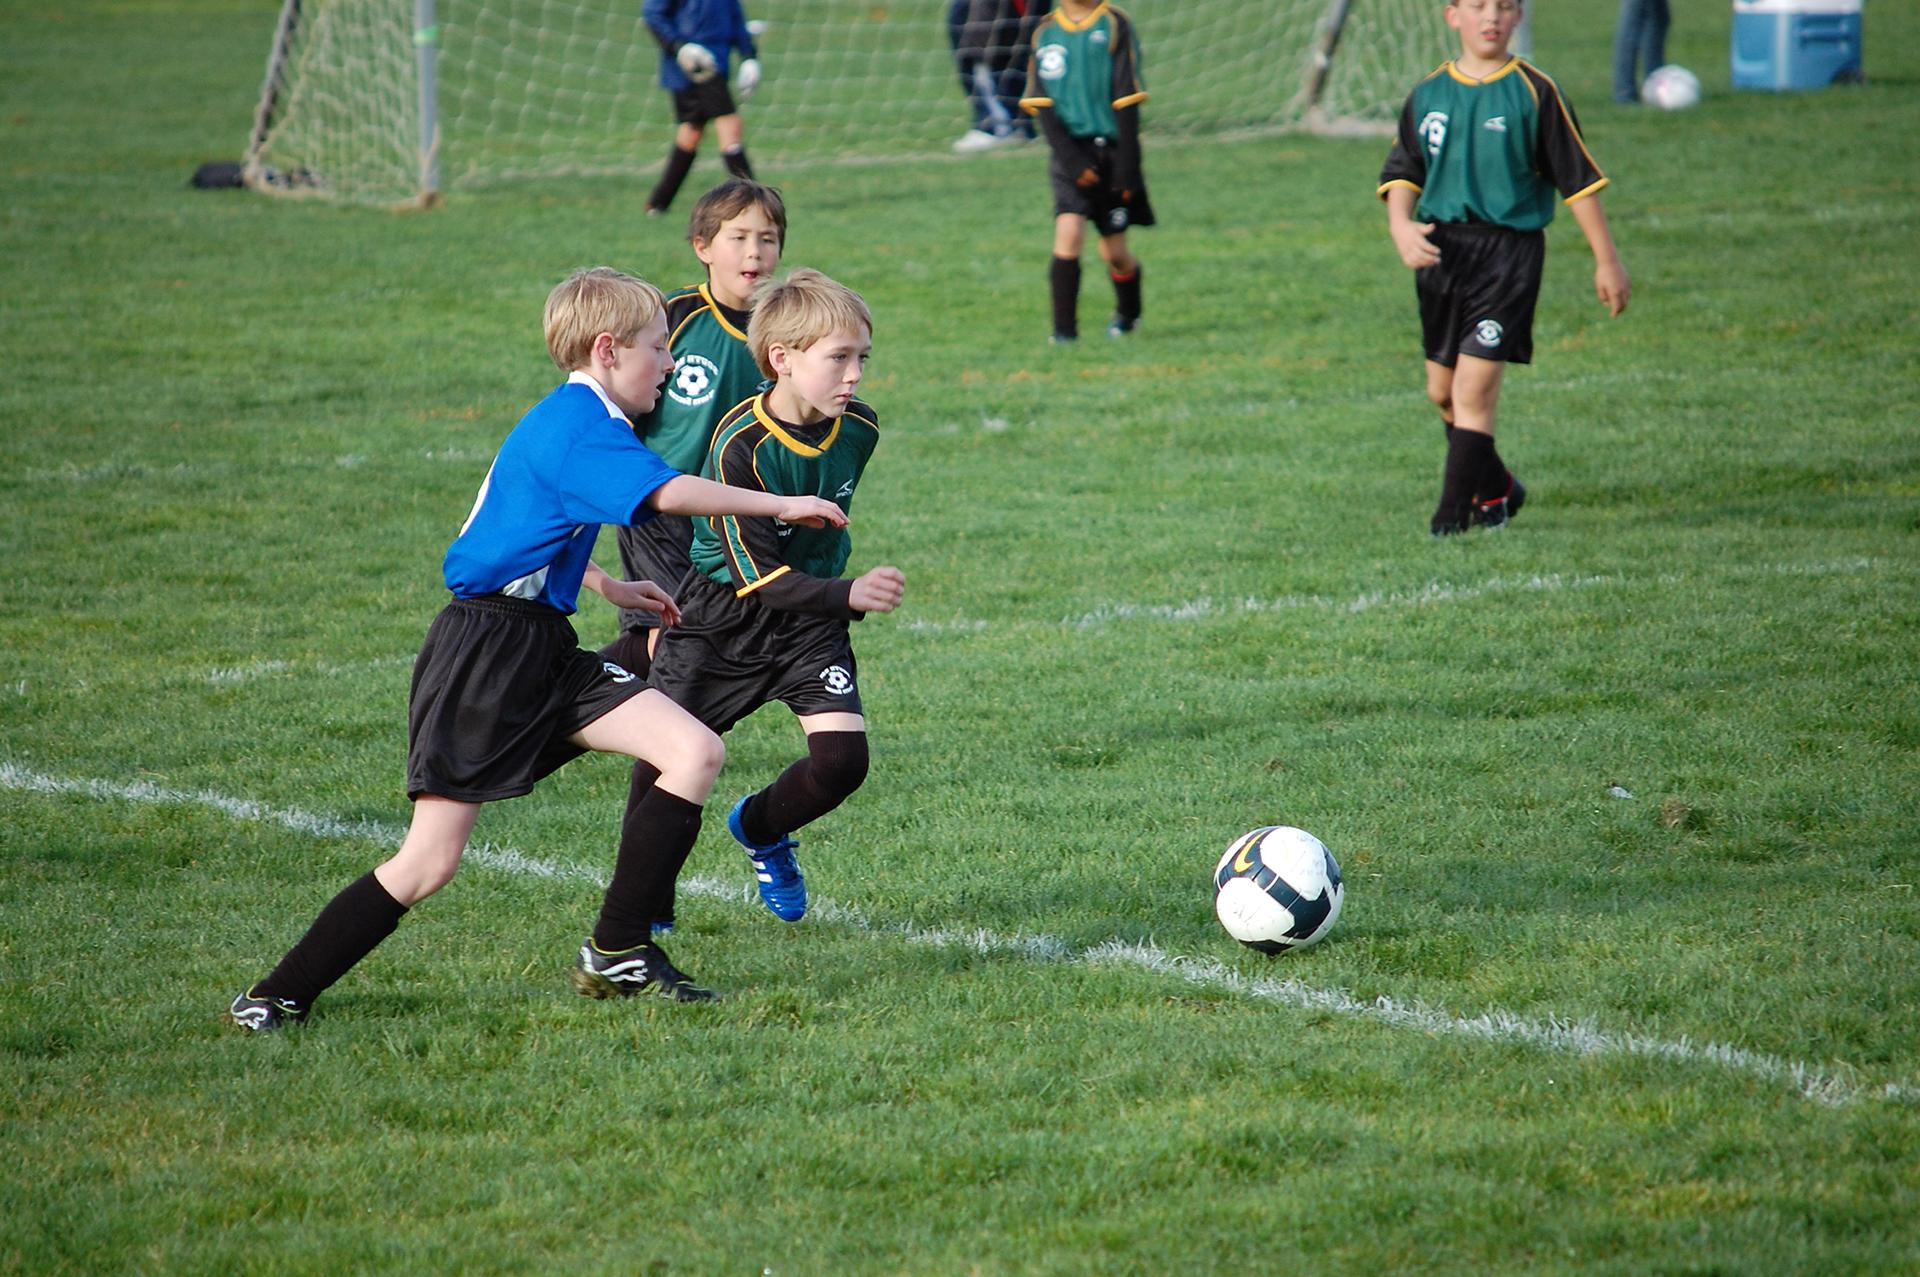 Советы по обучению юных футболистов